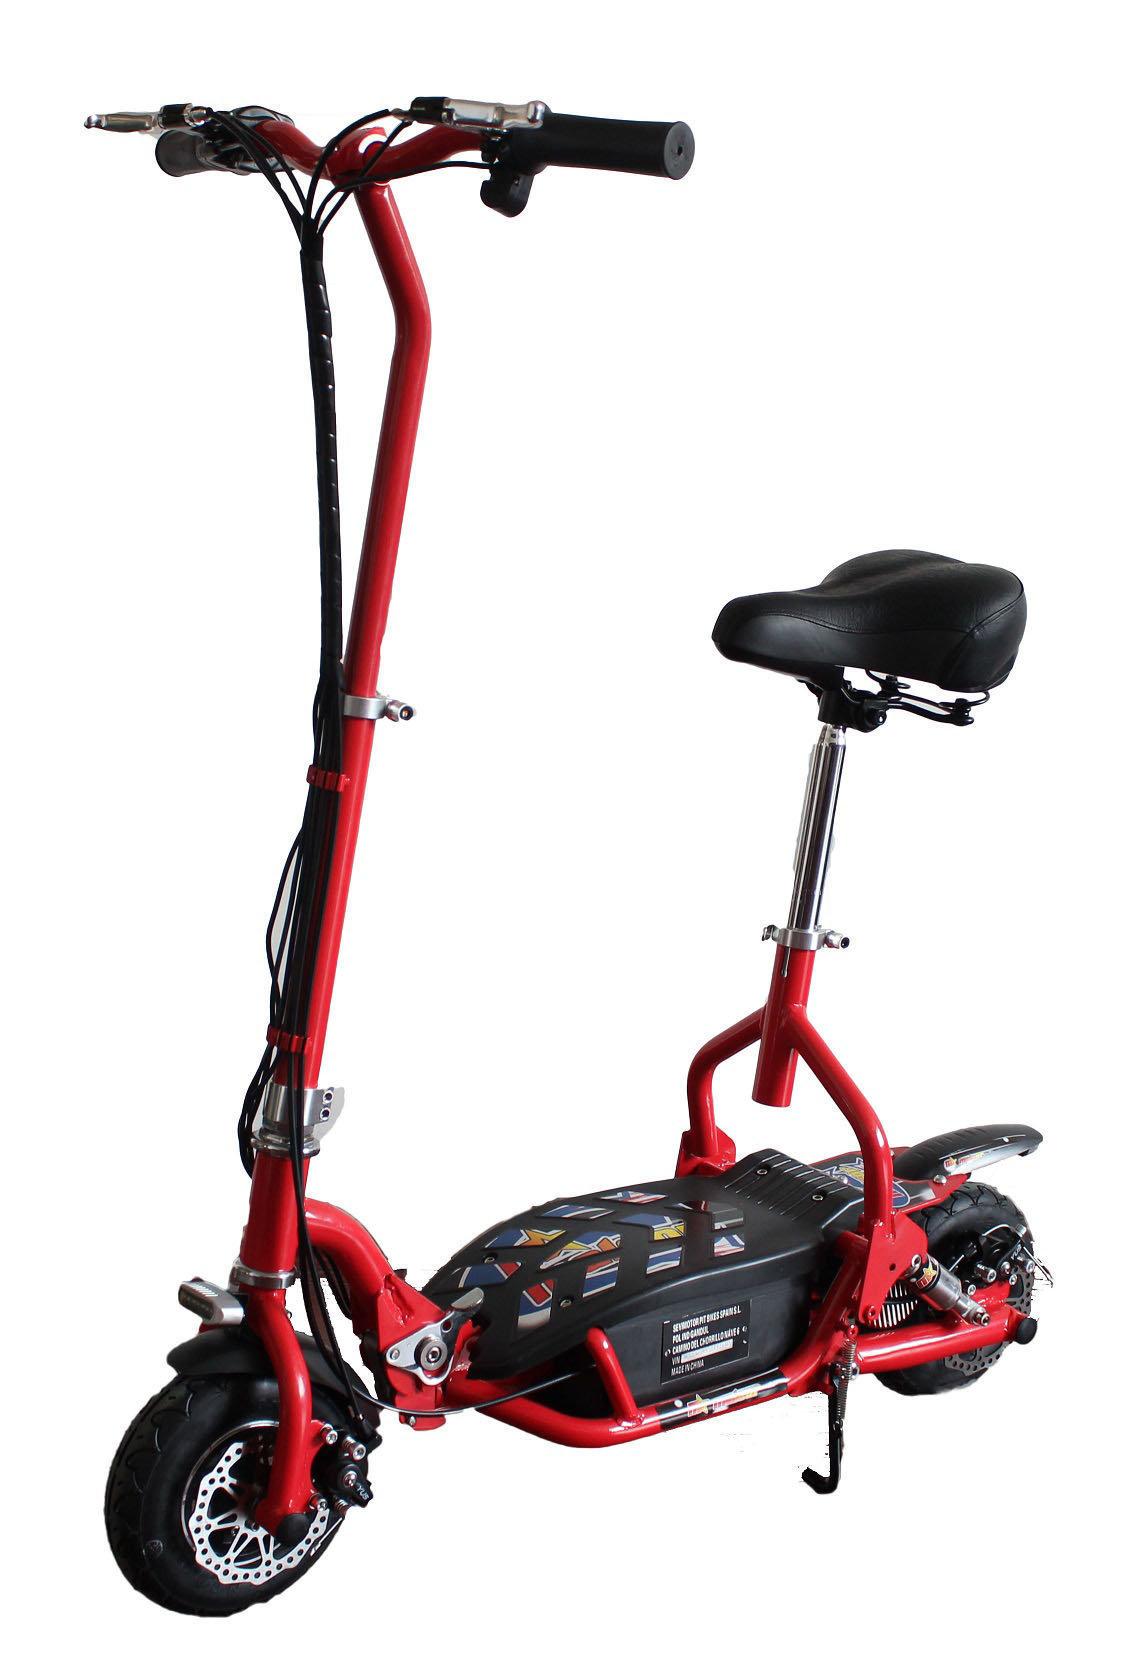 patinete electrico para niños de 300w rojo